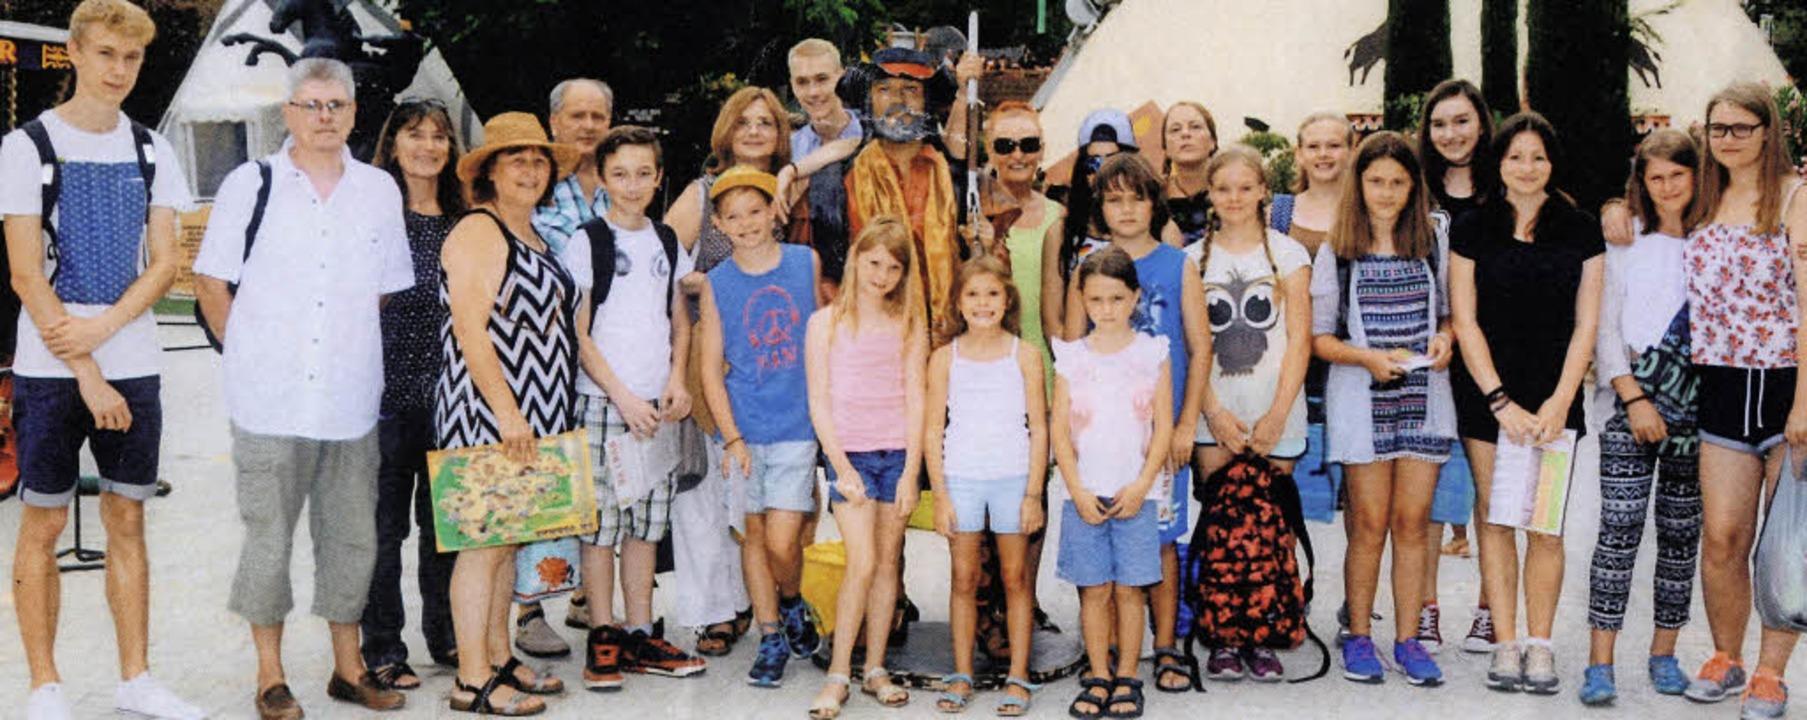 Ein volles Programm hatte die Gruppe a...nergemeinde Le Castellet zu Besuch war  | Foto: privat